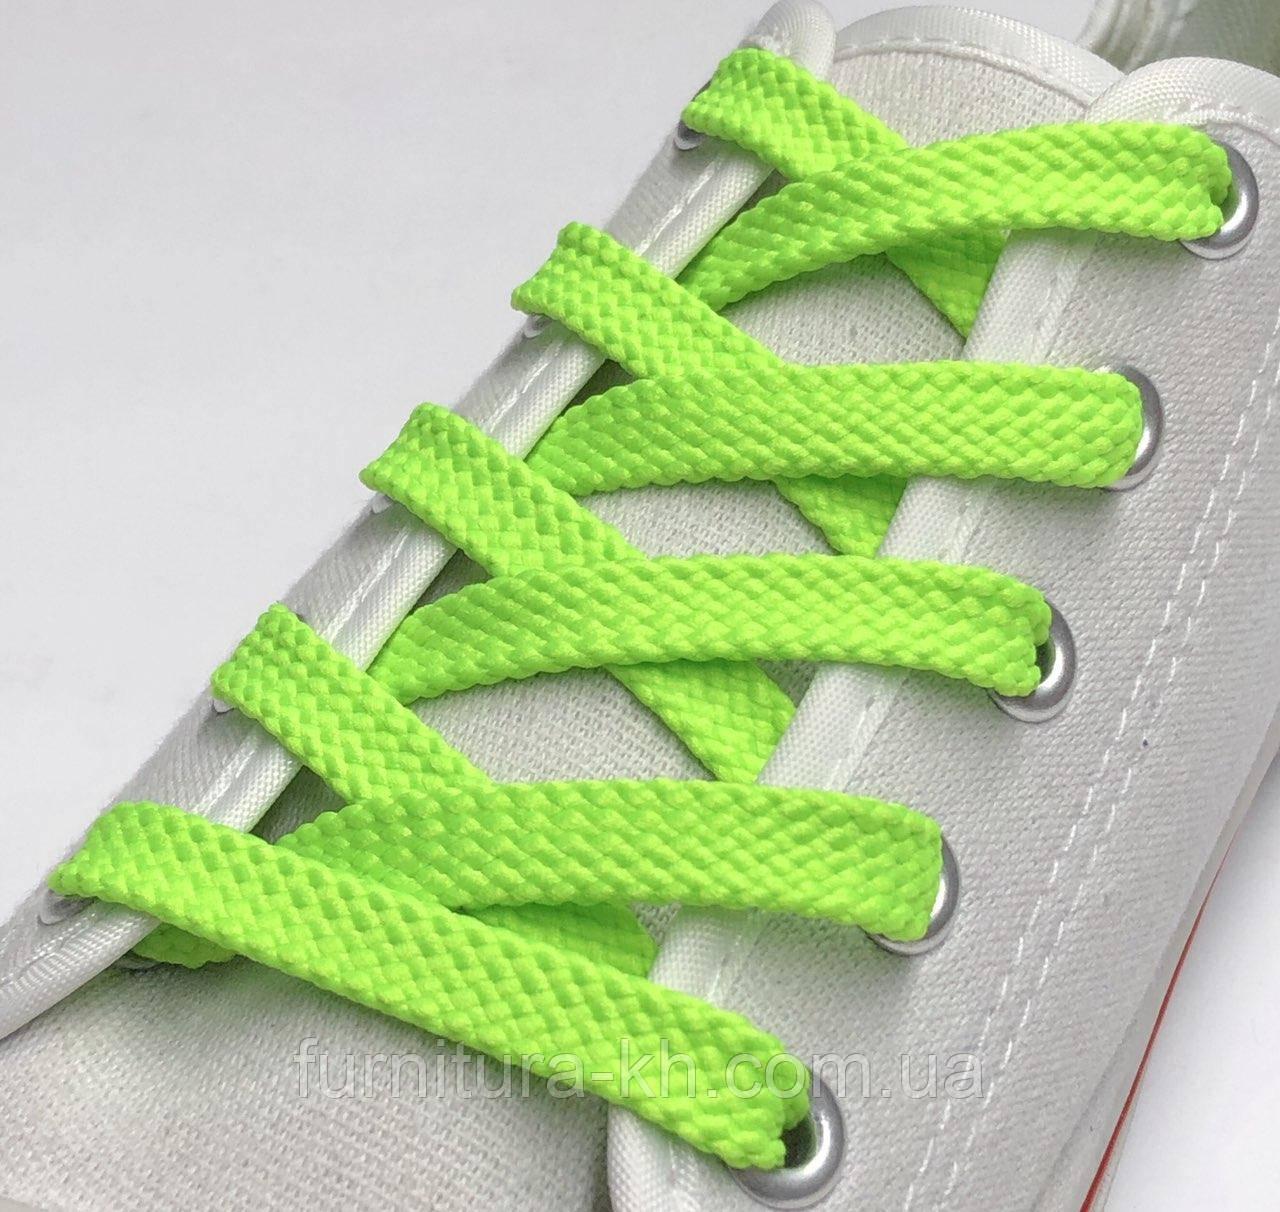 Шнурок Простой Плоский Длинна 1 метр  цвет Салатовый (ширина 7 мм)